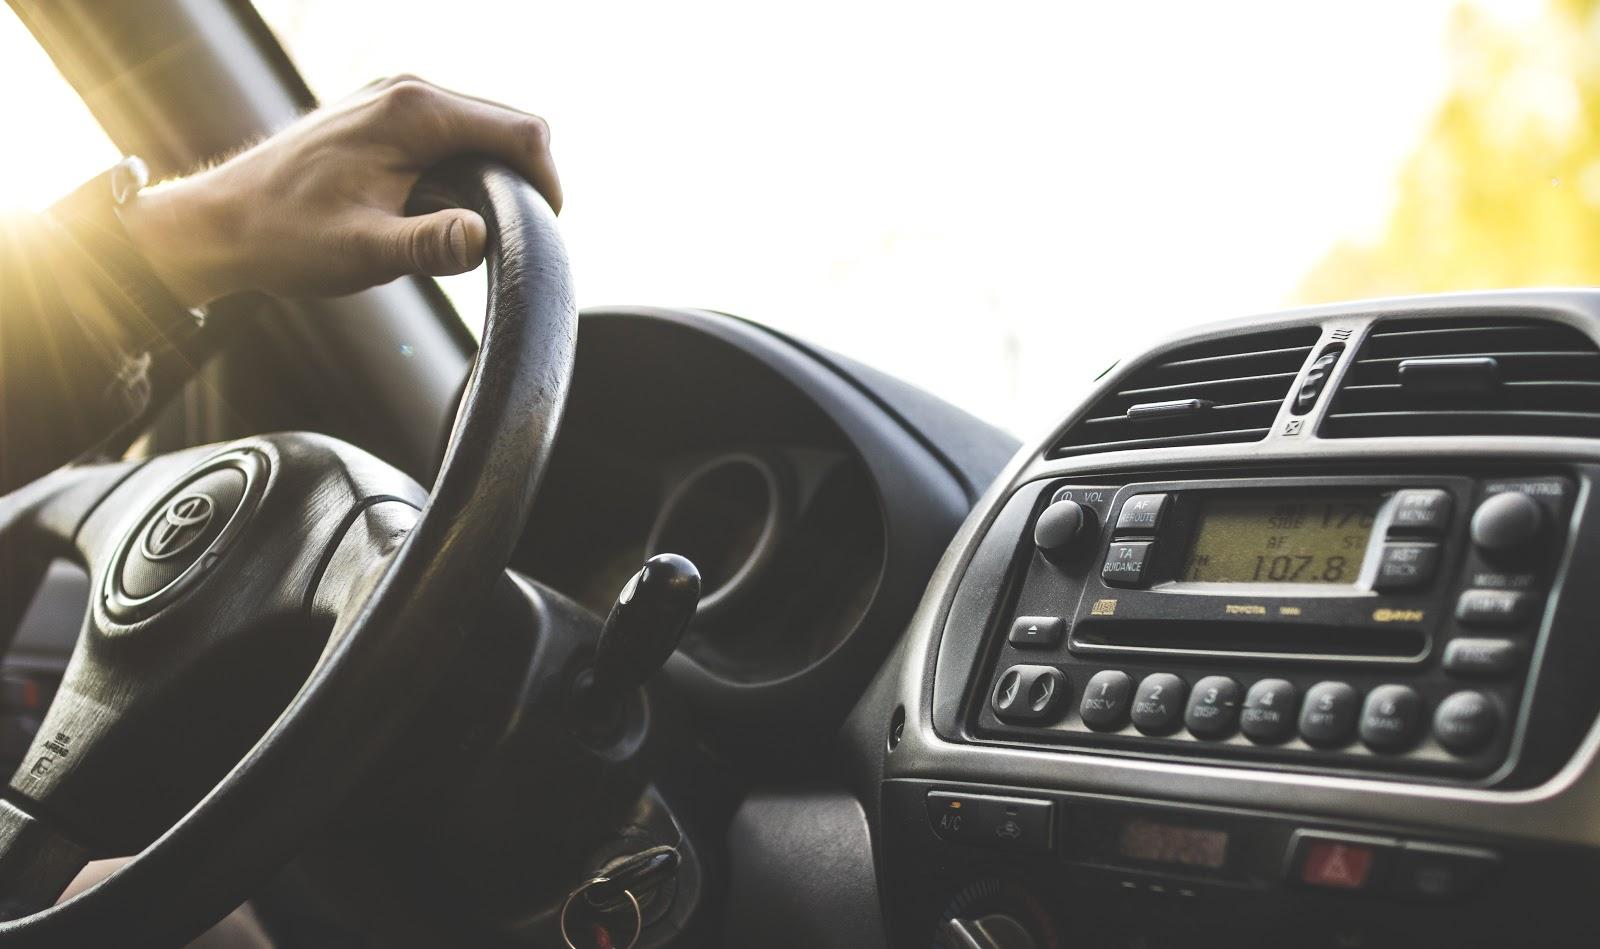 Uma pessoa com a mão no volante de um carro.